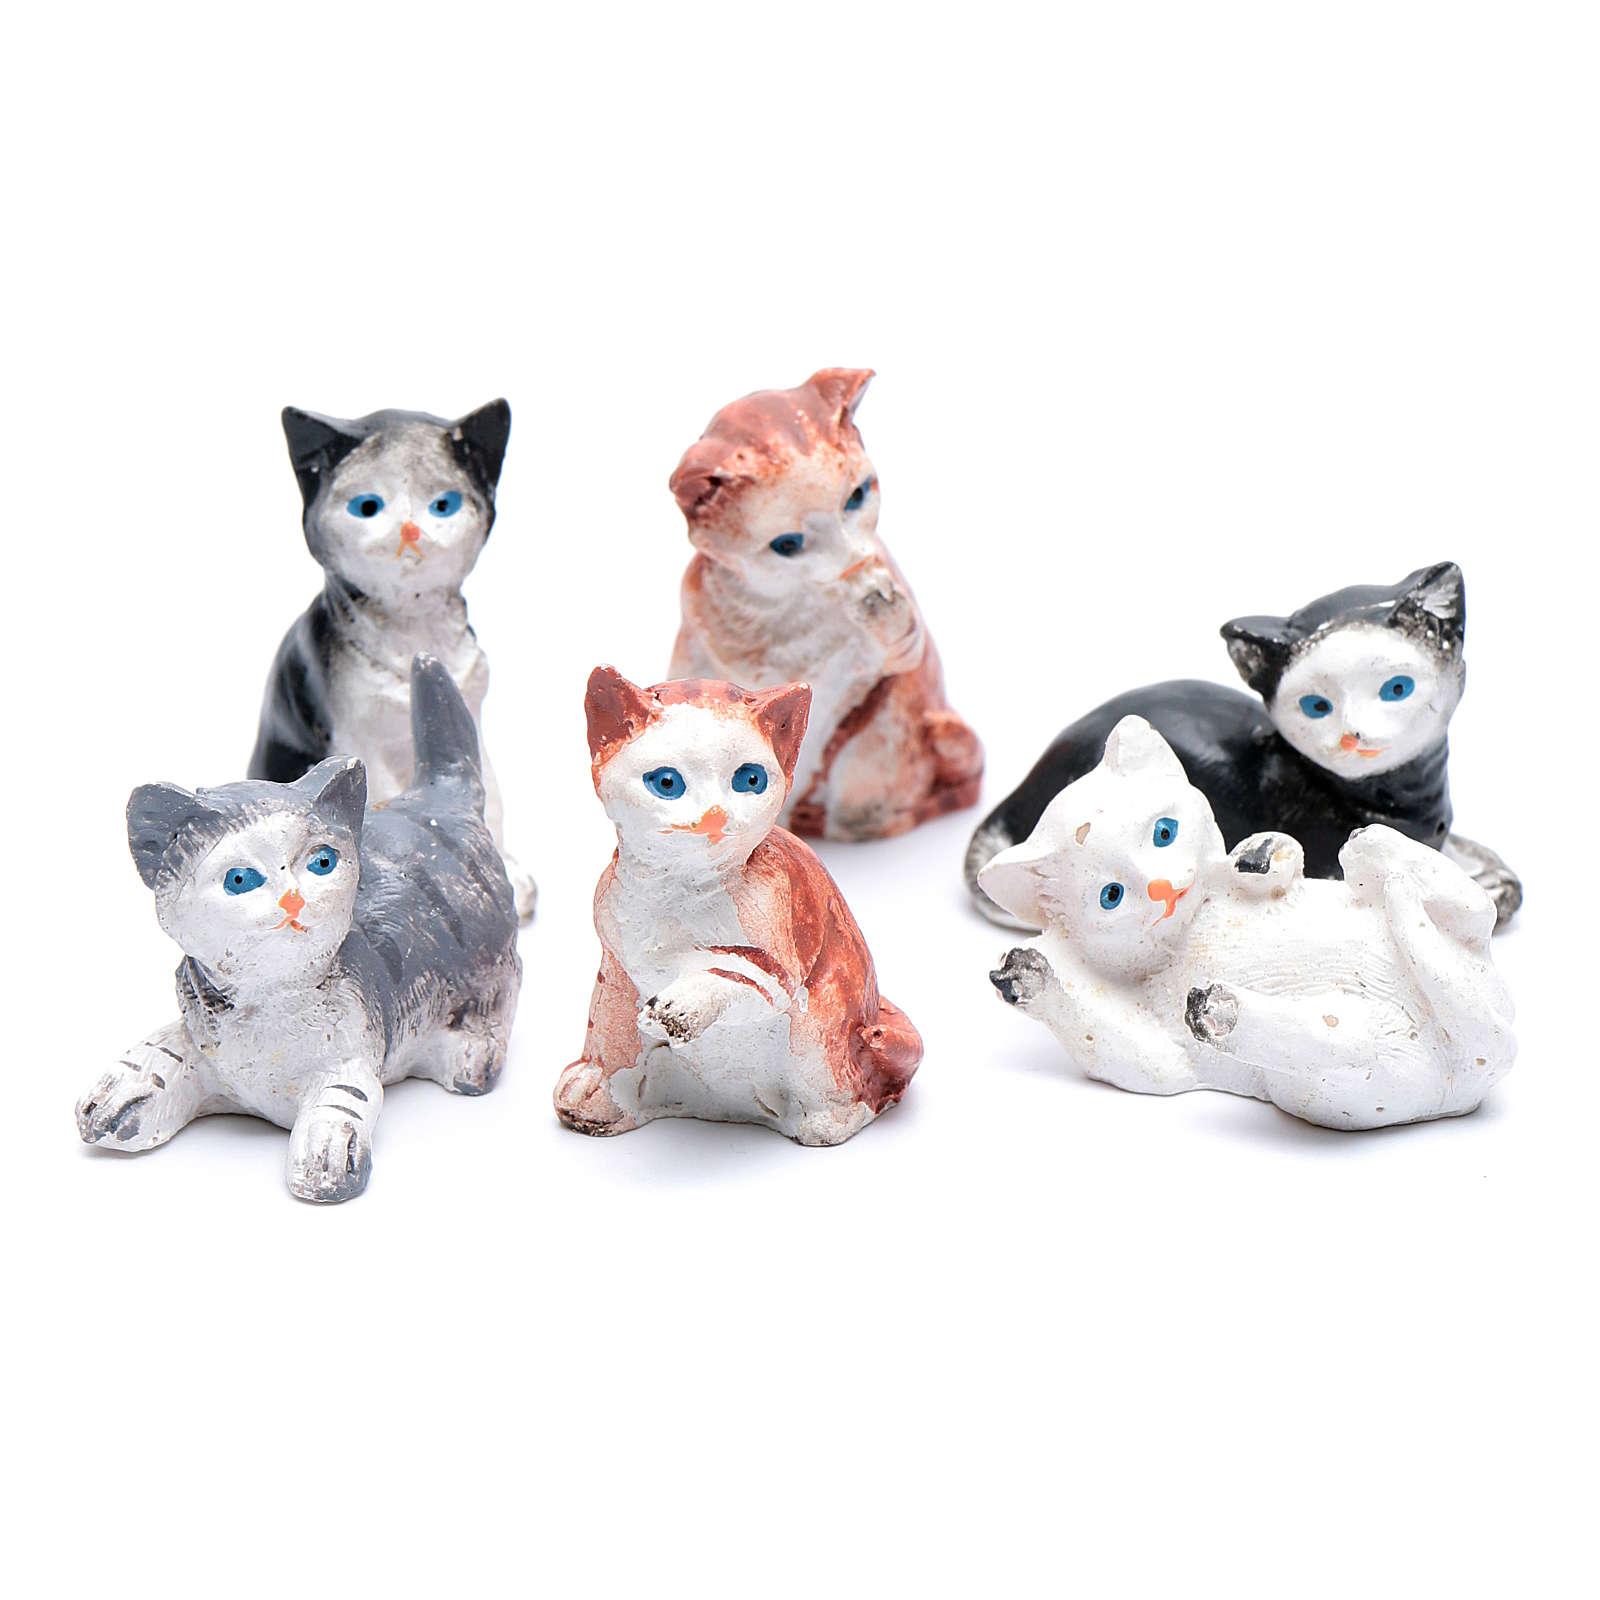 Katze sortiert reale Höhe 3,5-4 cm für DIY-Krippe 3